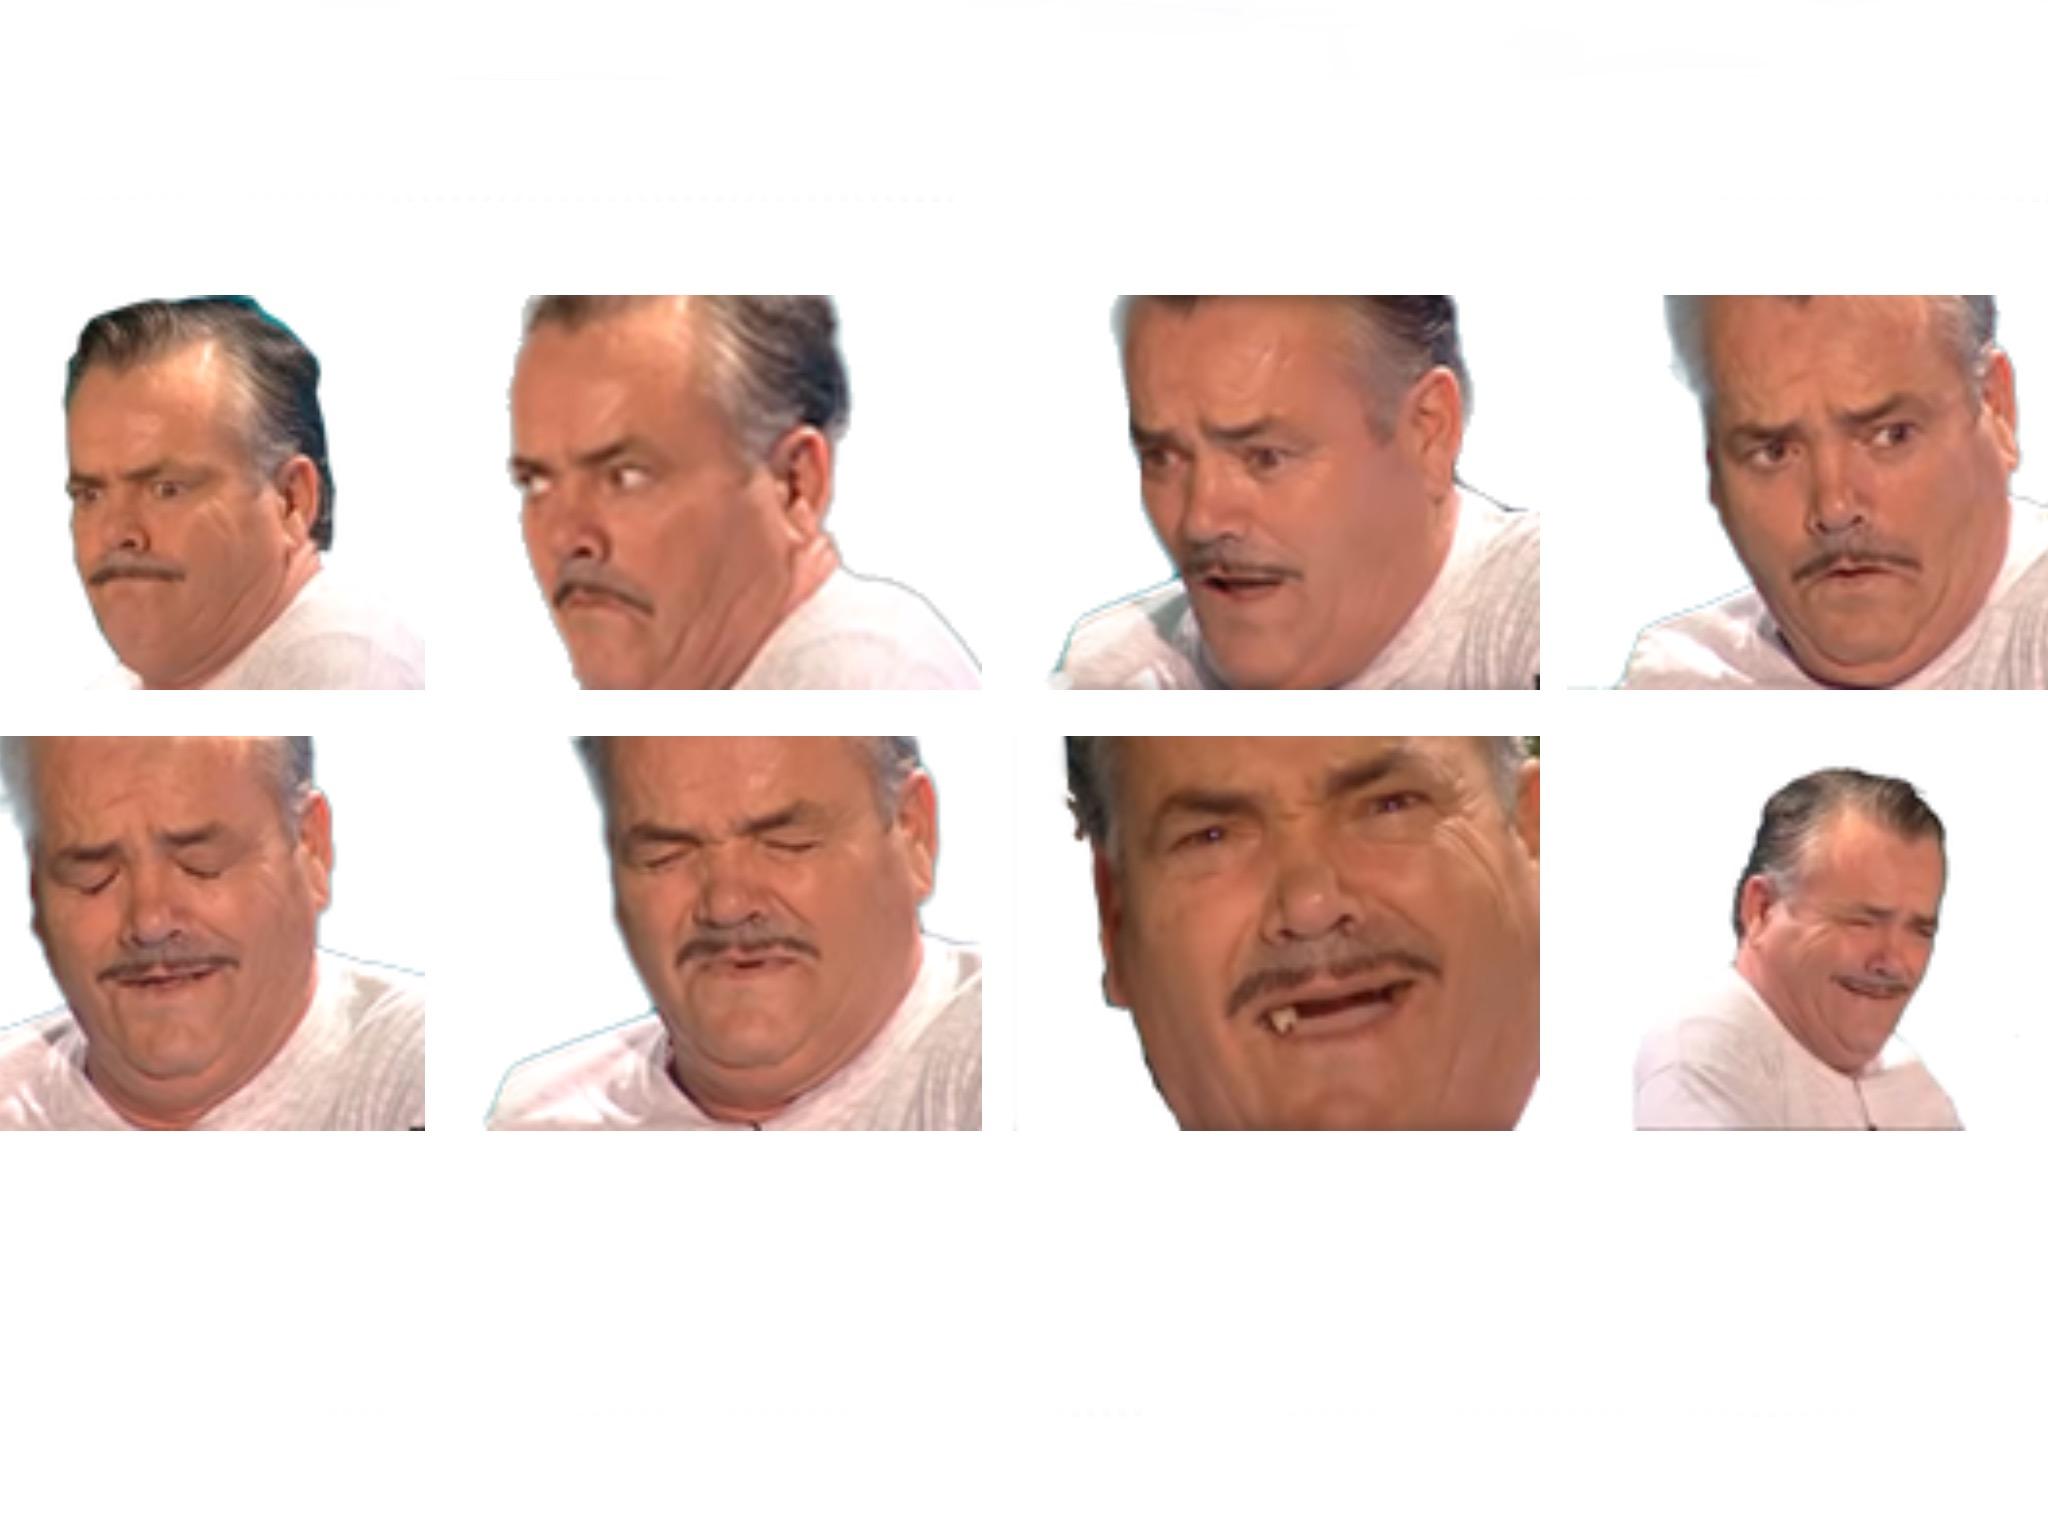 Sticker serie risitas poses expressions chrono el risitas ayaaa issou la chancla el banador rire collection reaction choc